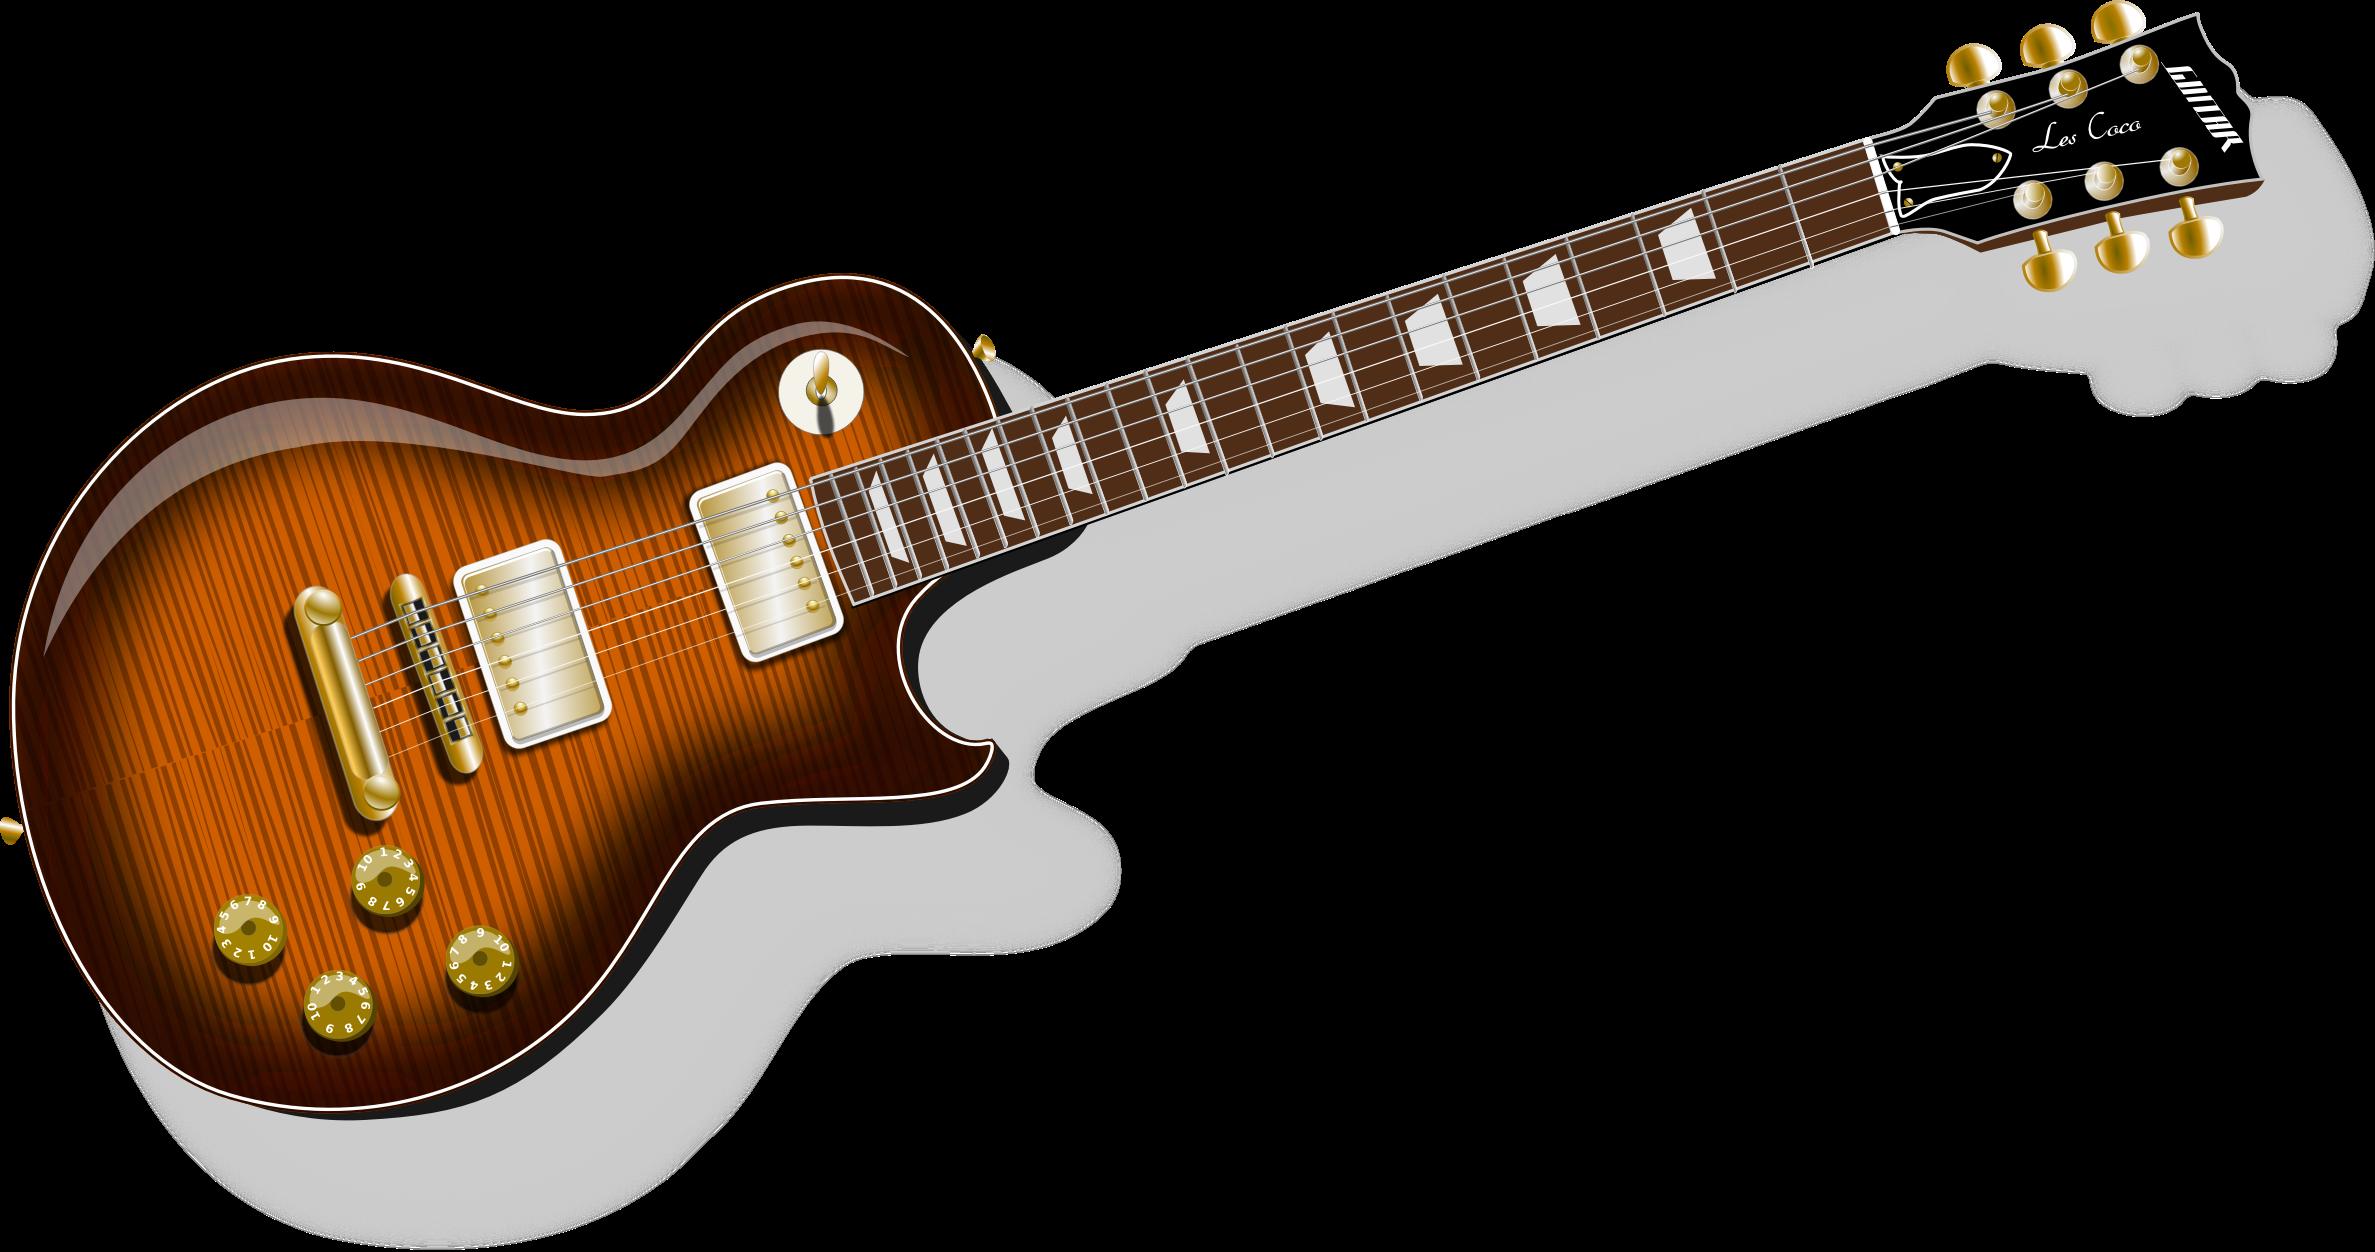 Clipart guitar rock. Classic big image png